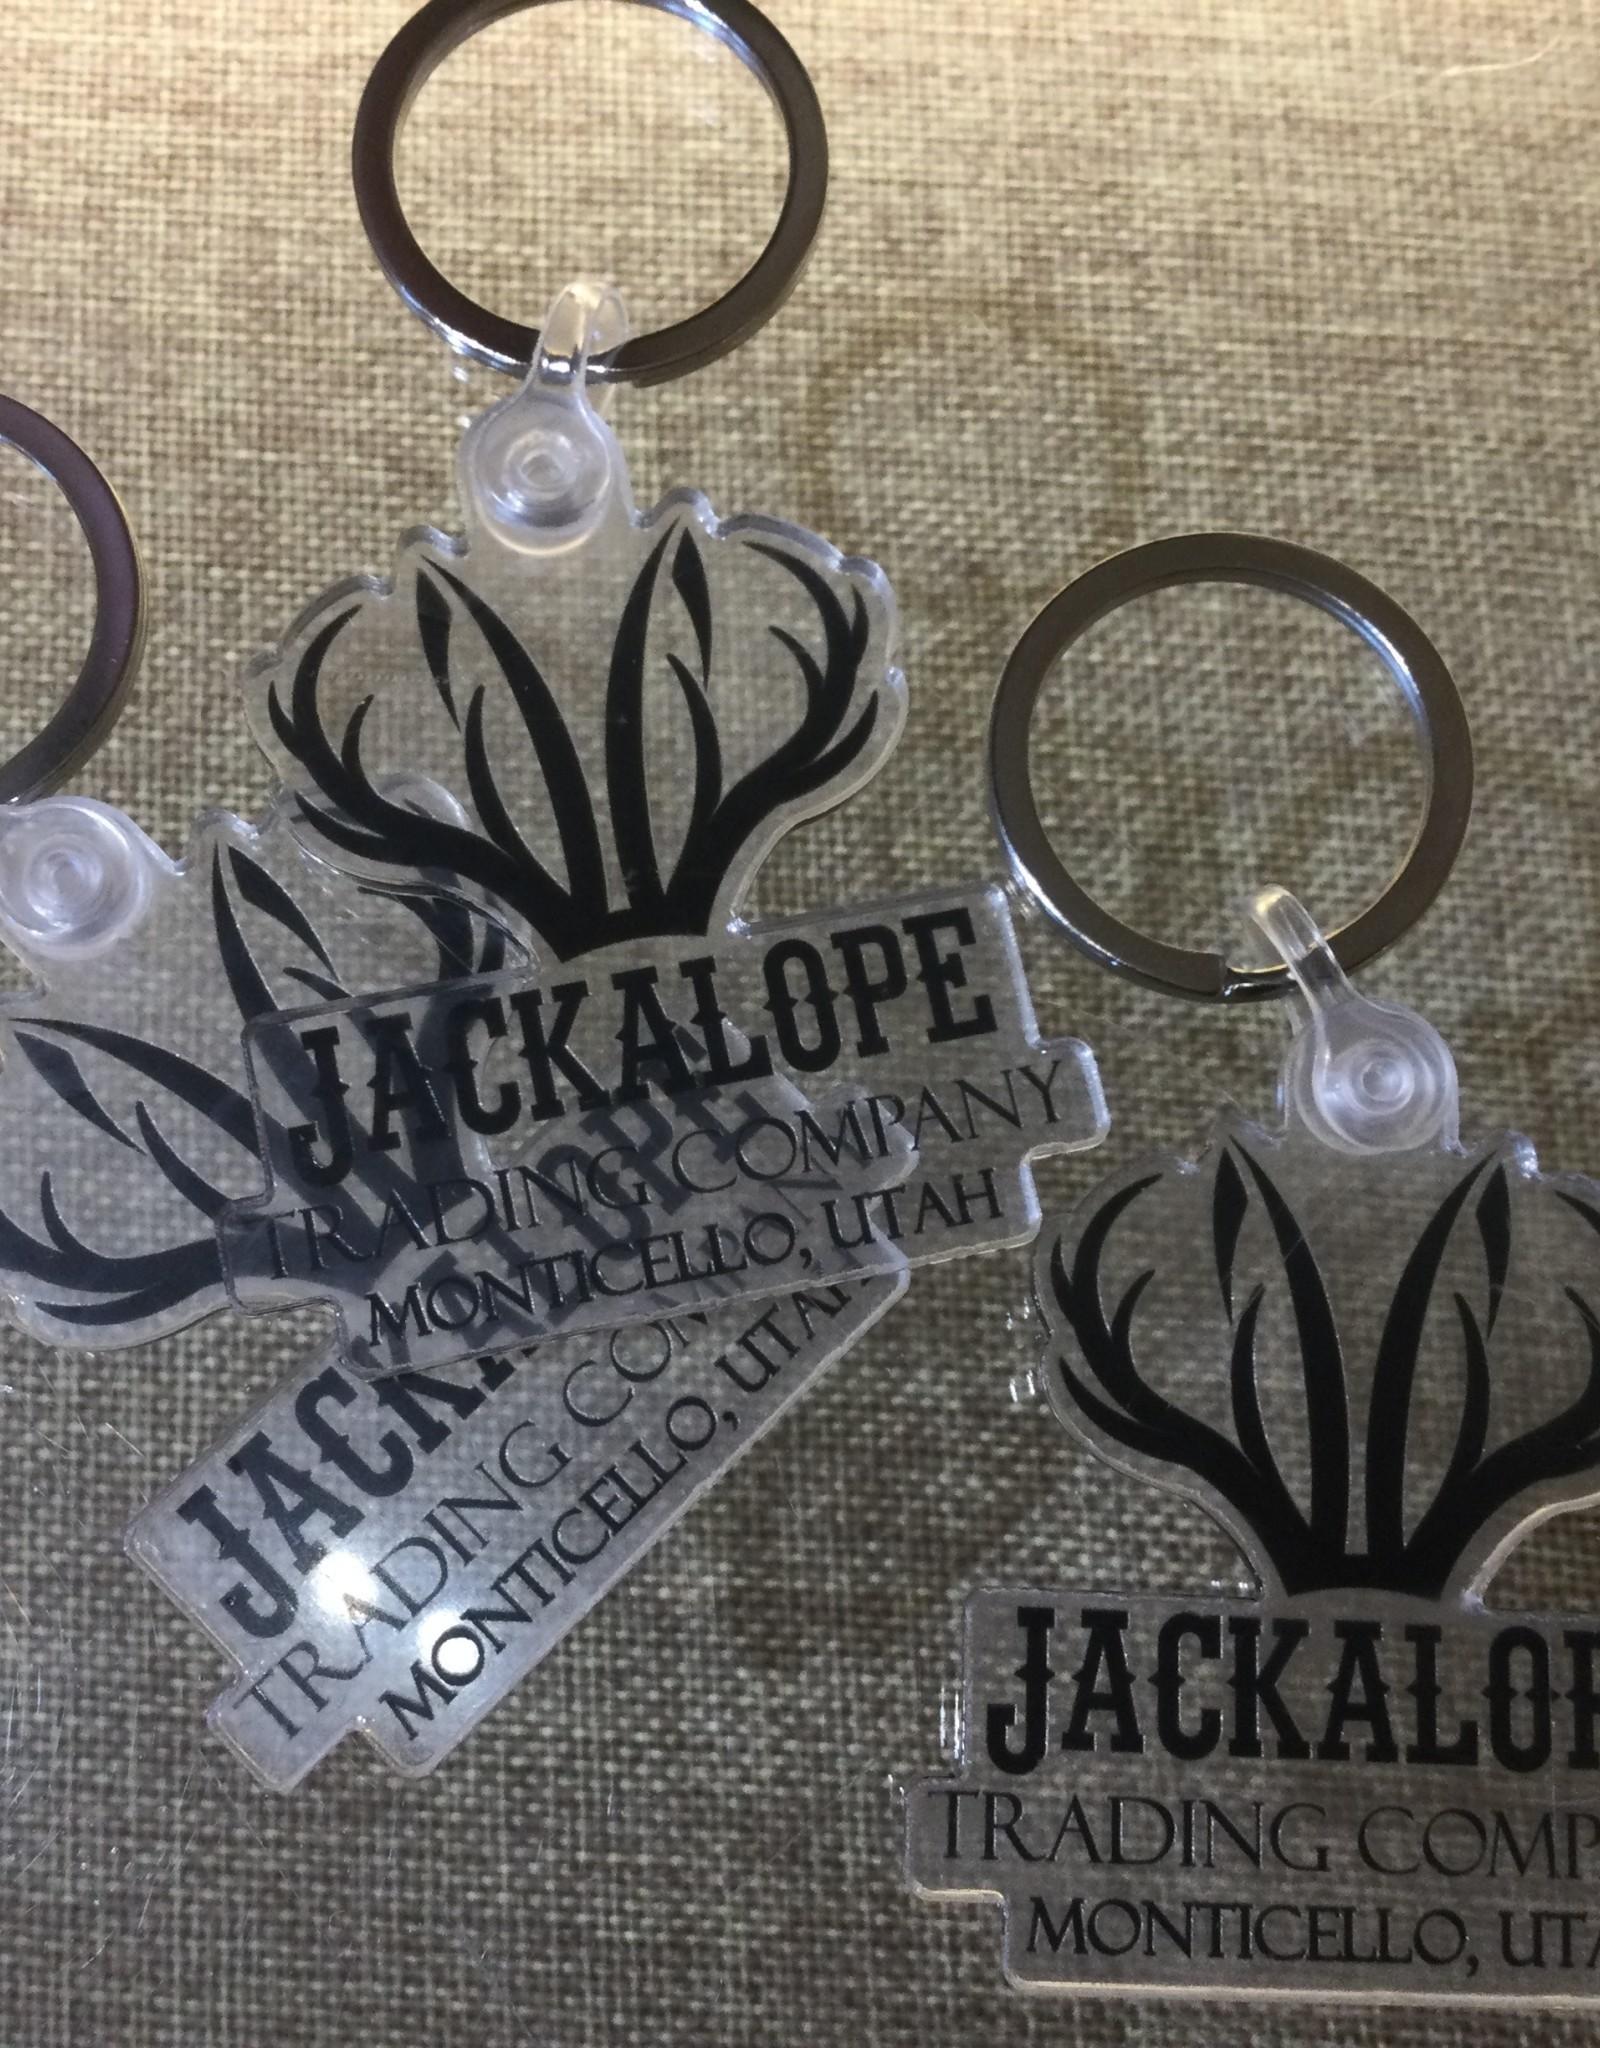 Sticker Mule Jackalope Keychain